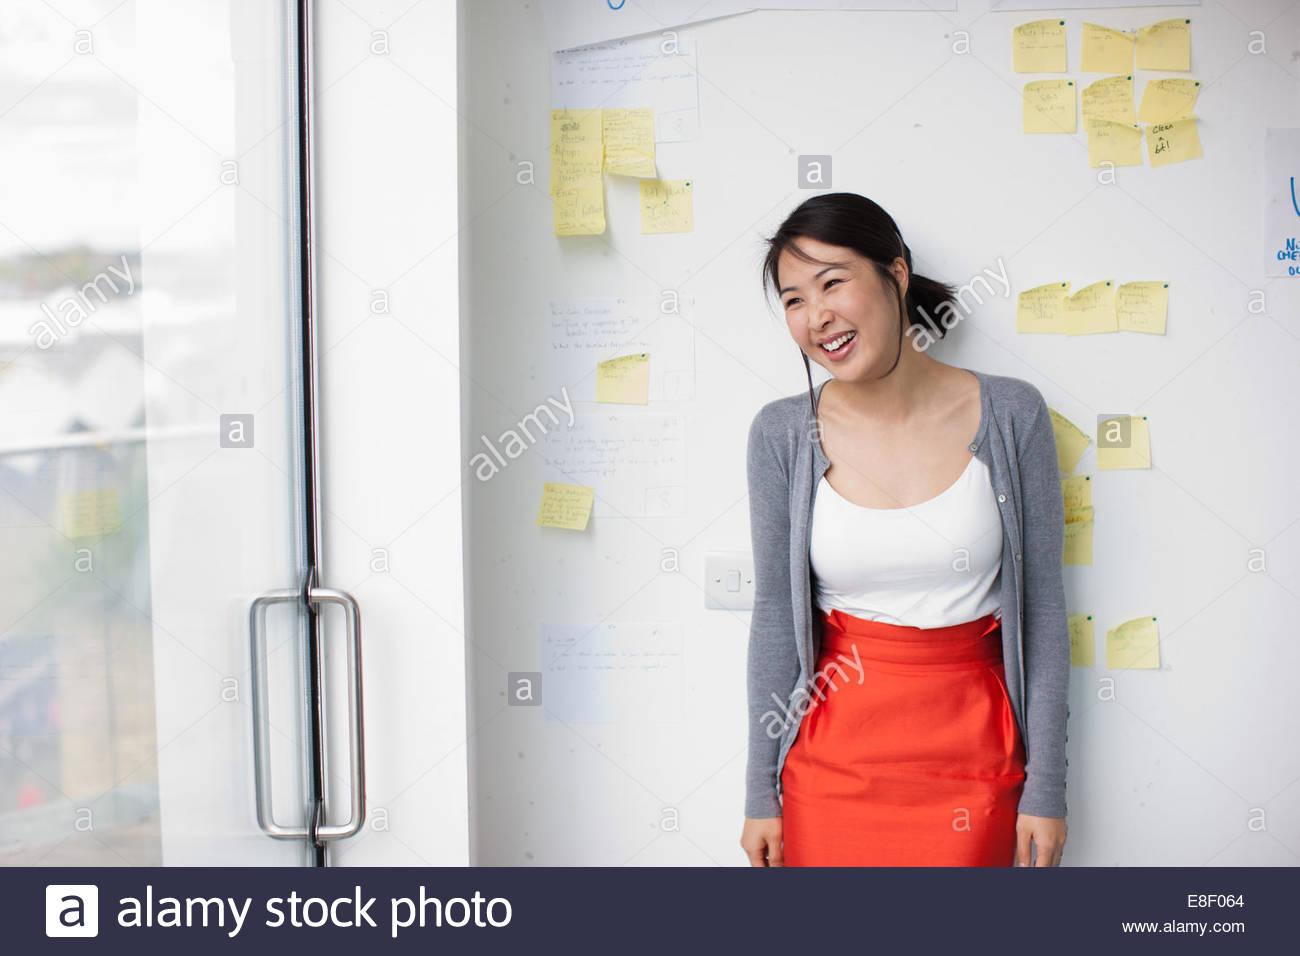 La empresaria sonriendo con delante de pizarra con notas adhesivas Foto de stock